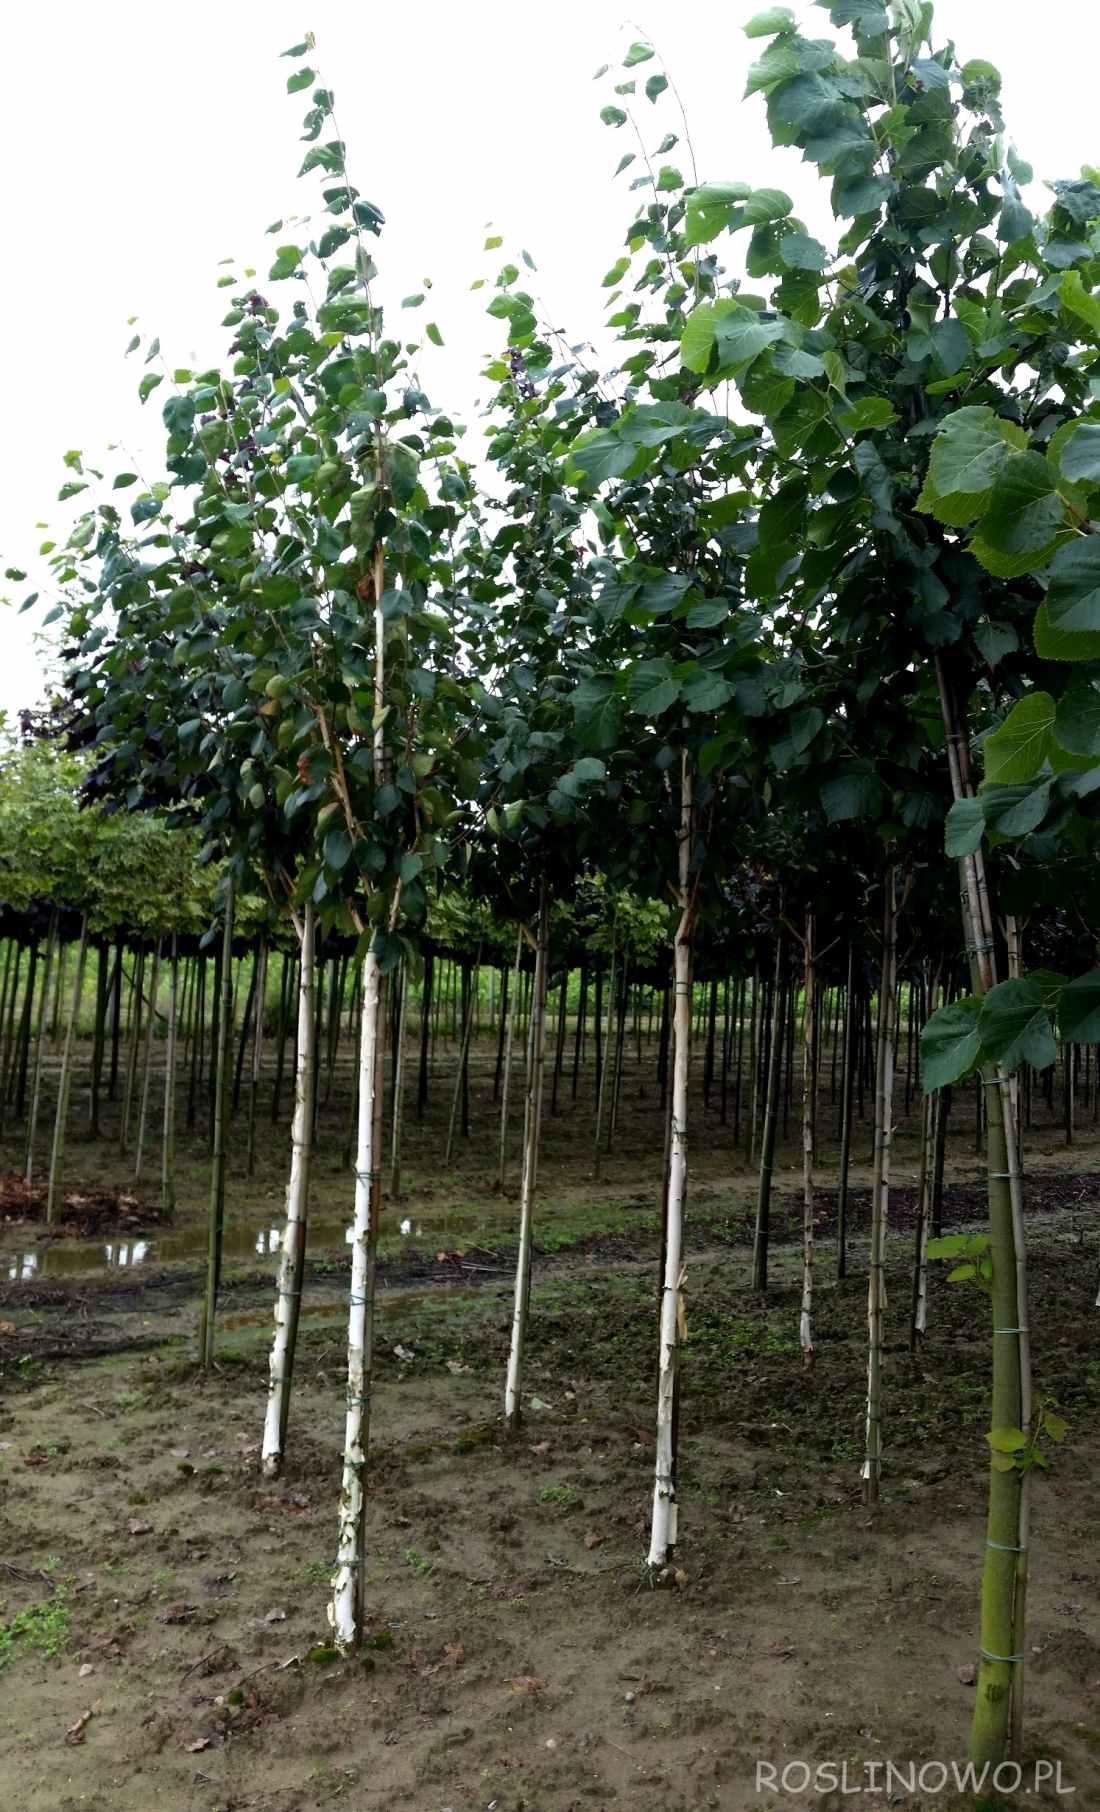 Brzoza pożyteczna 'Doorenbos' szkółkowane sadzonki w gruncie.